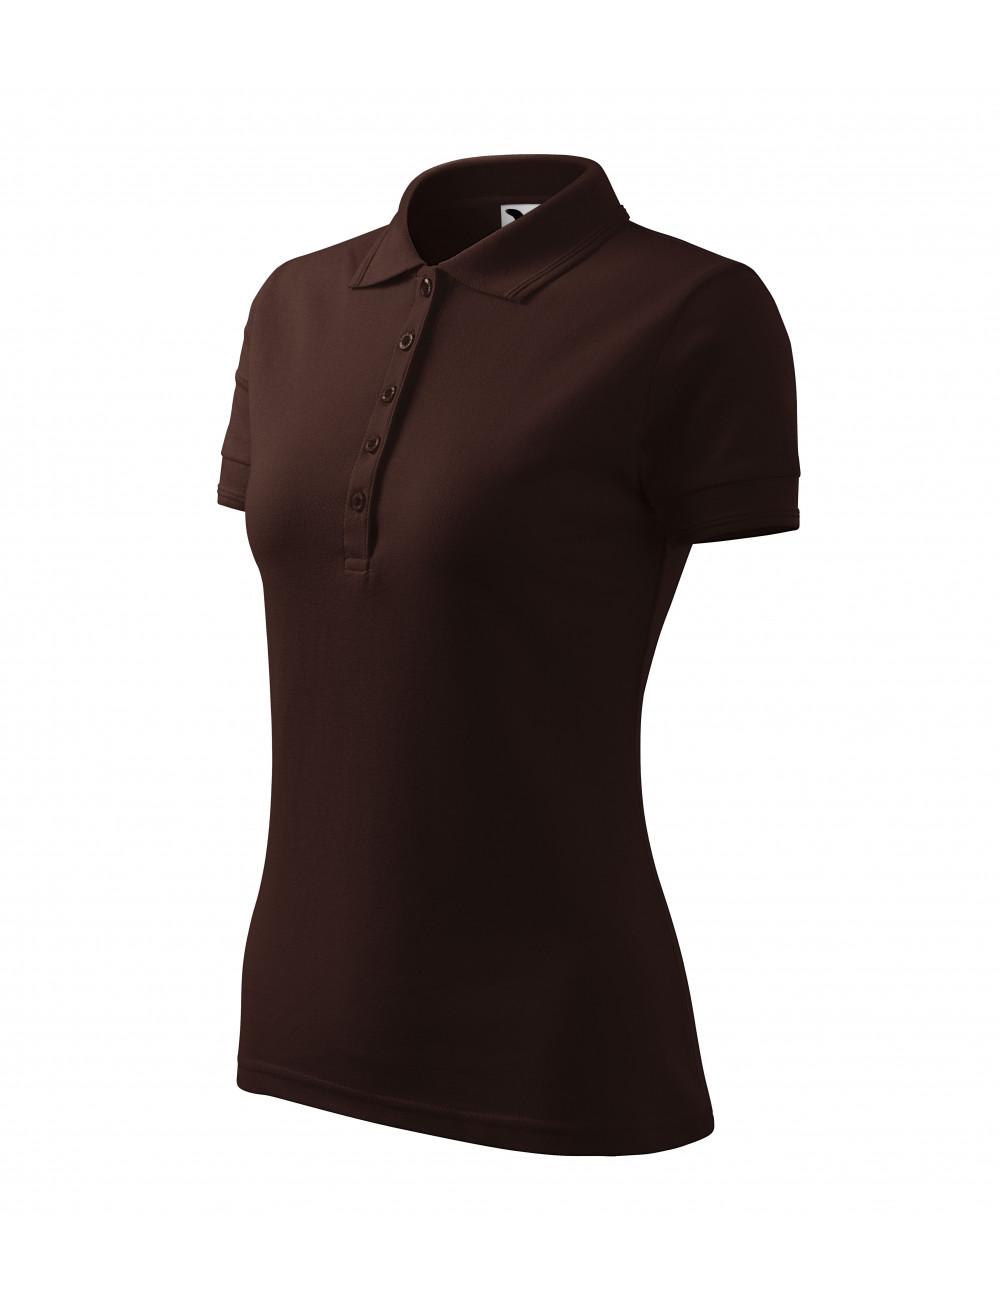 Adler MALFINI Koszulka polo damska Pique Polo 210 kawowy